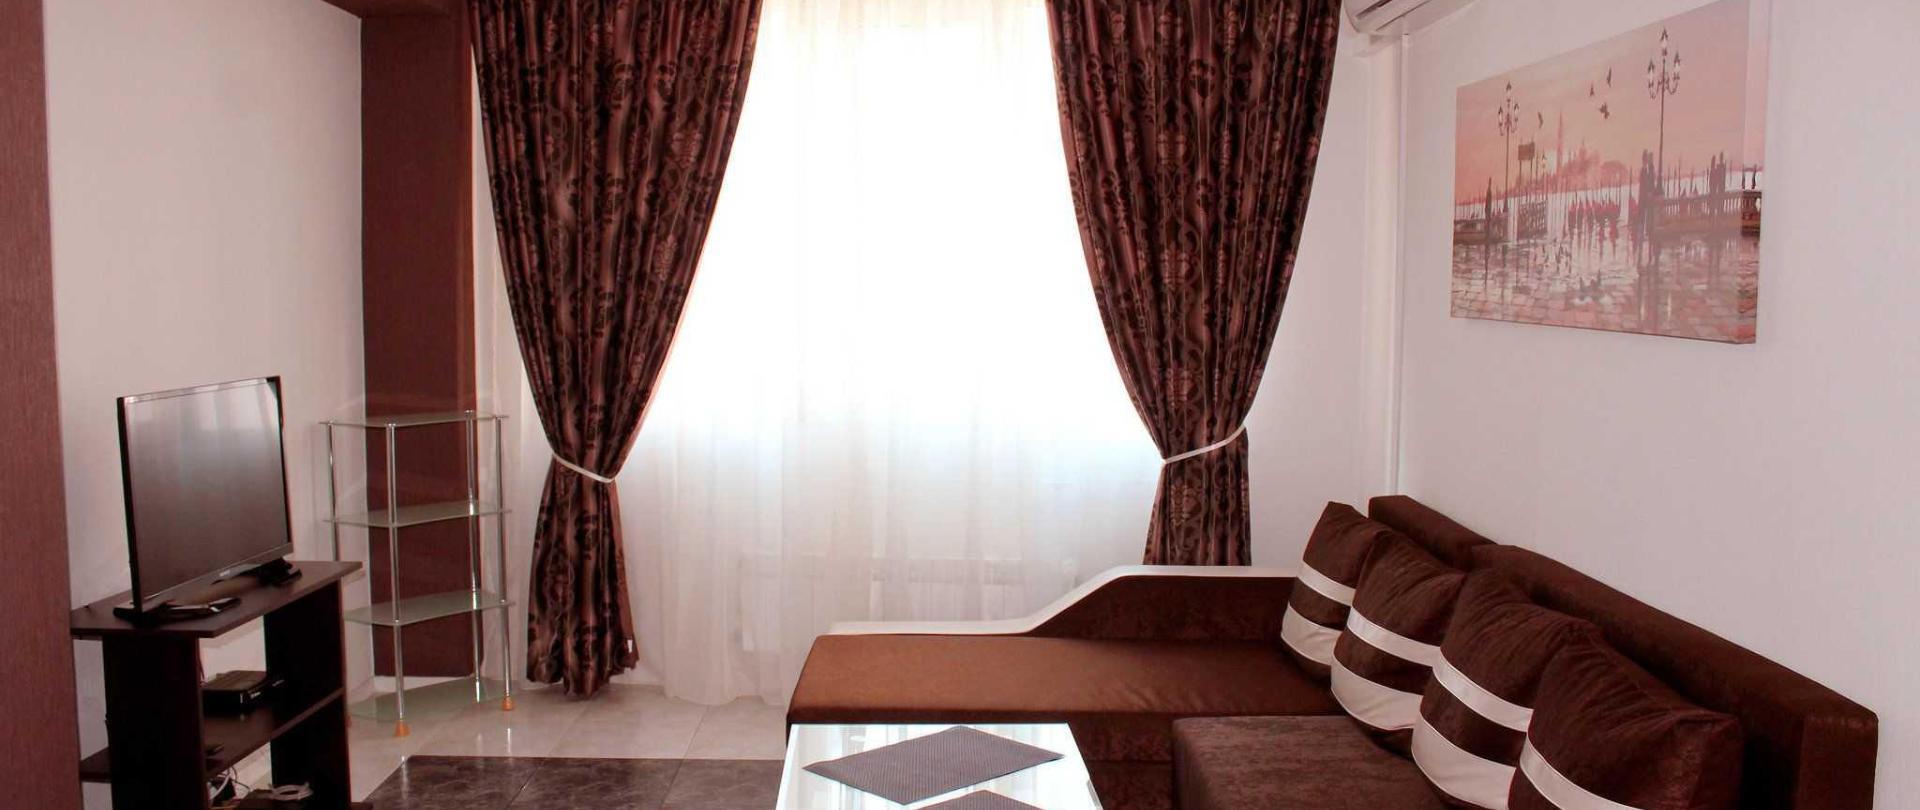 v6-living-room-6.jpg